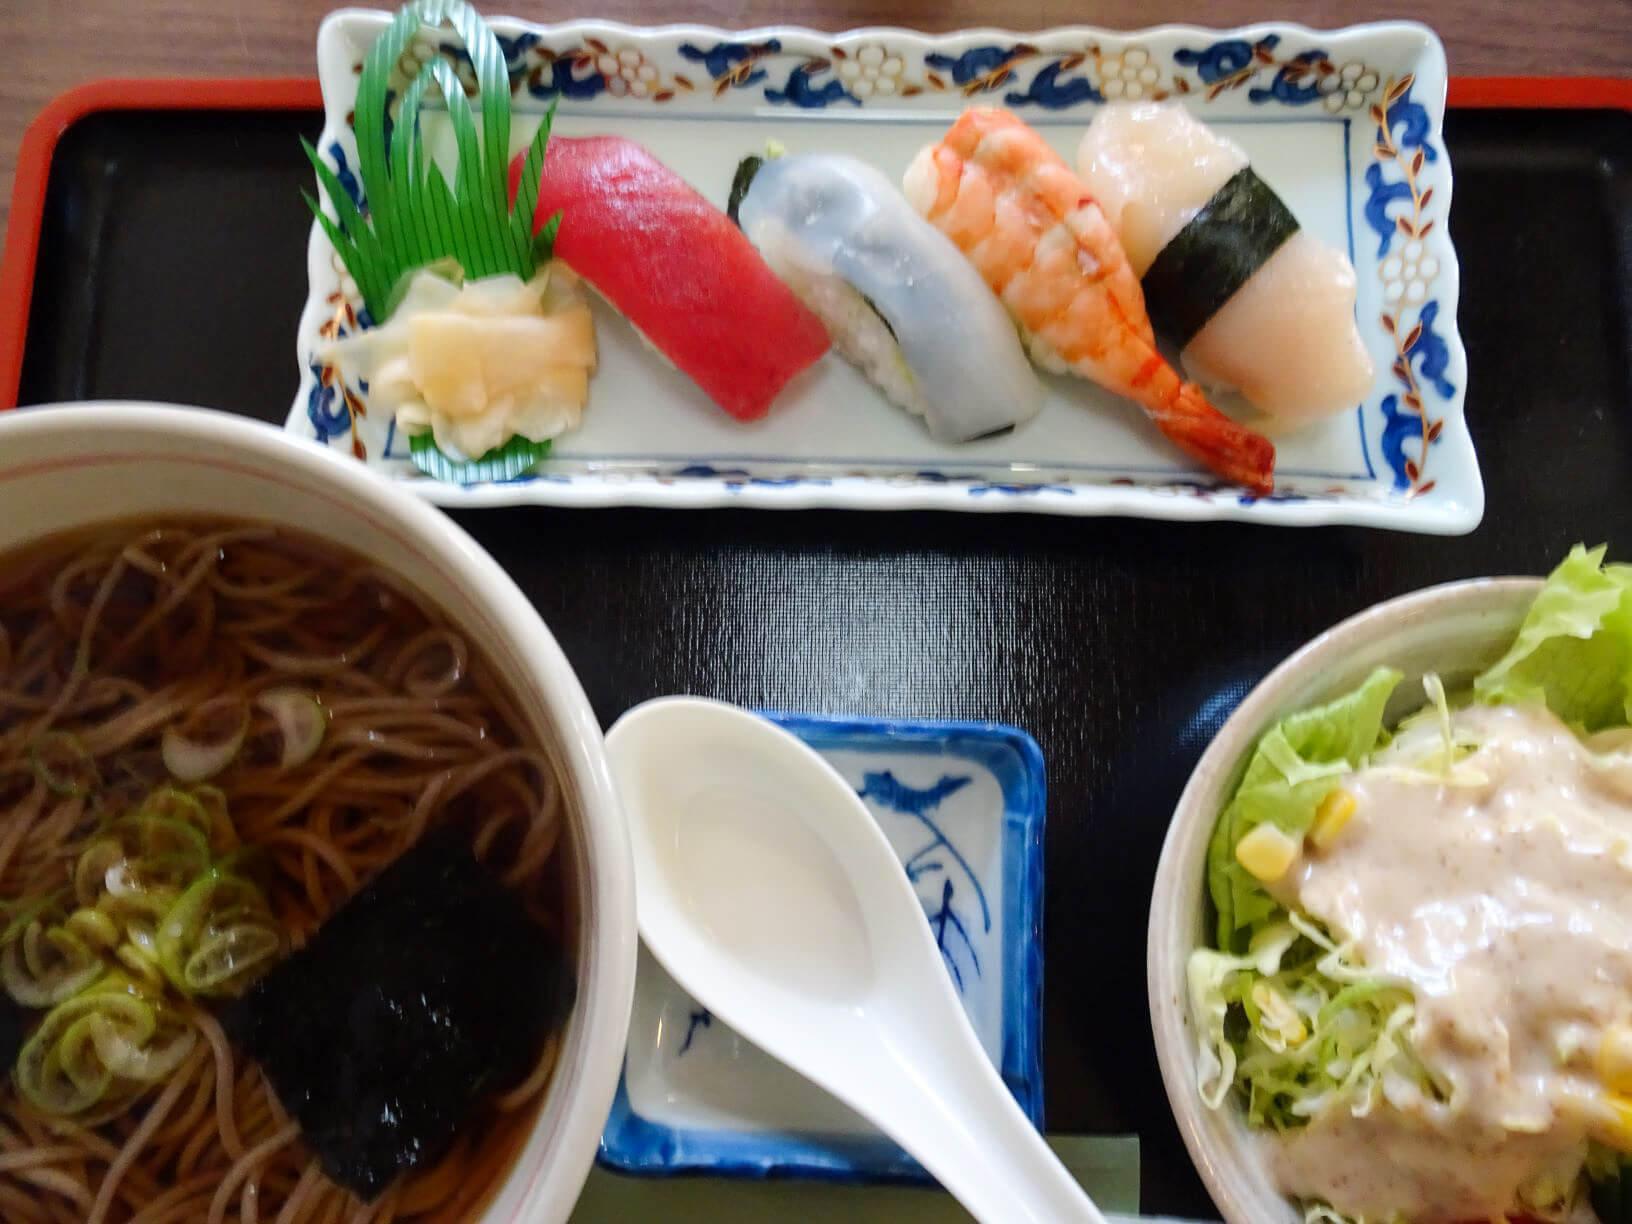 「握り寿司+お蕎麦」+野菜サラダ